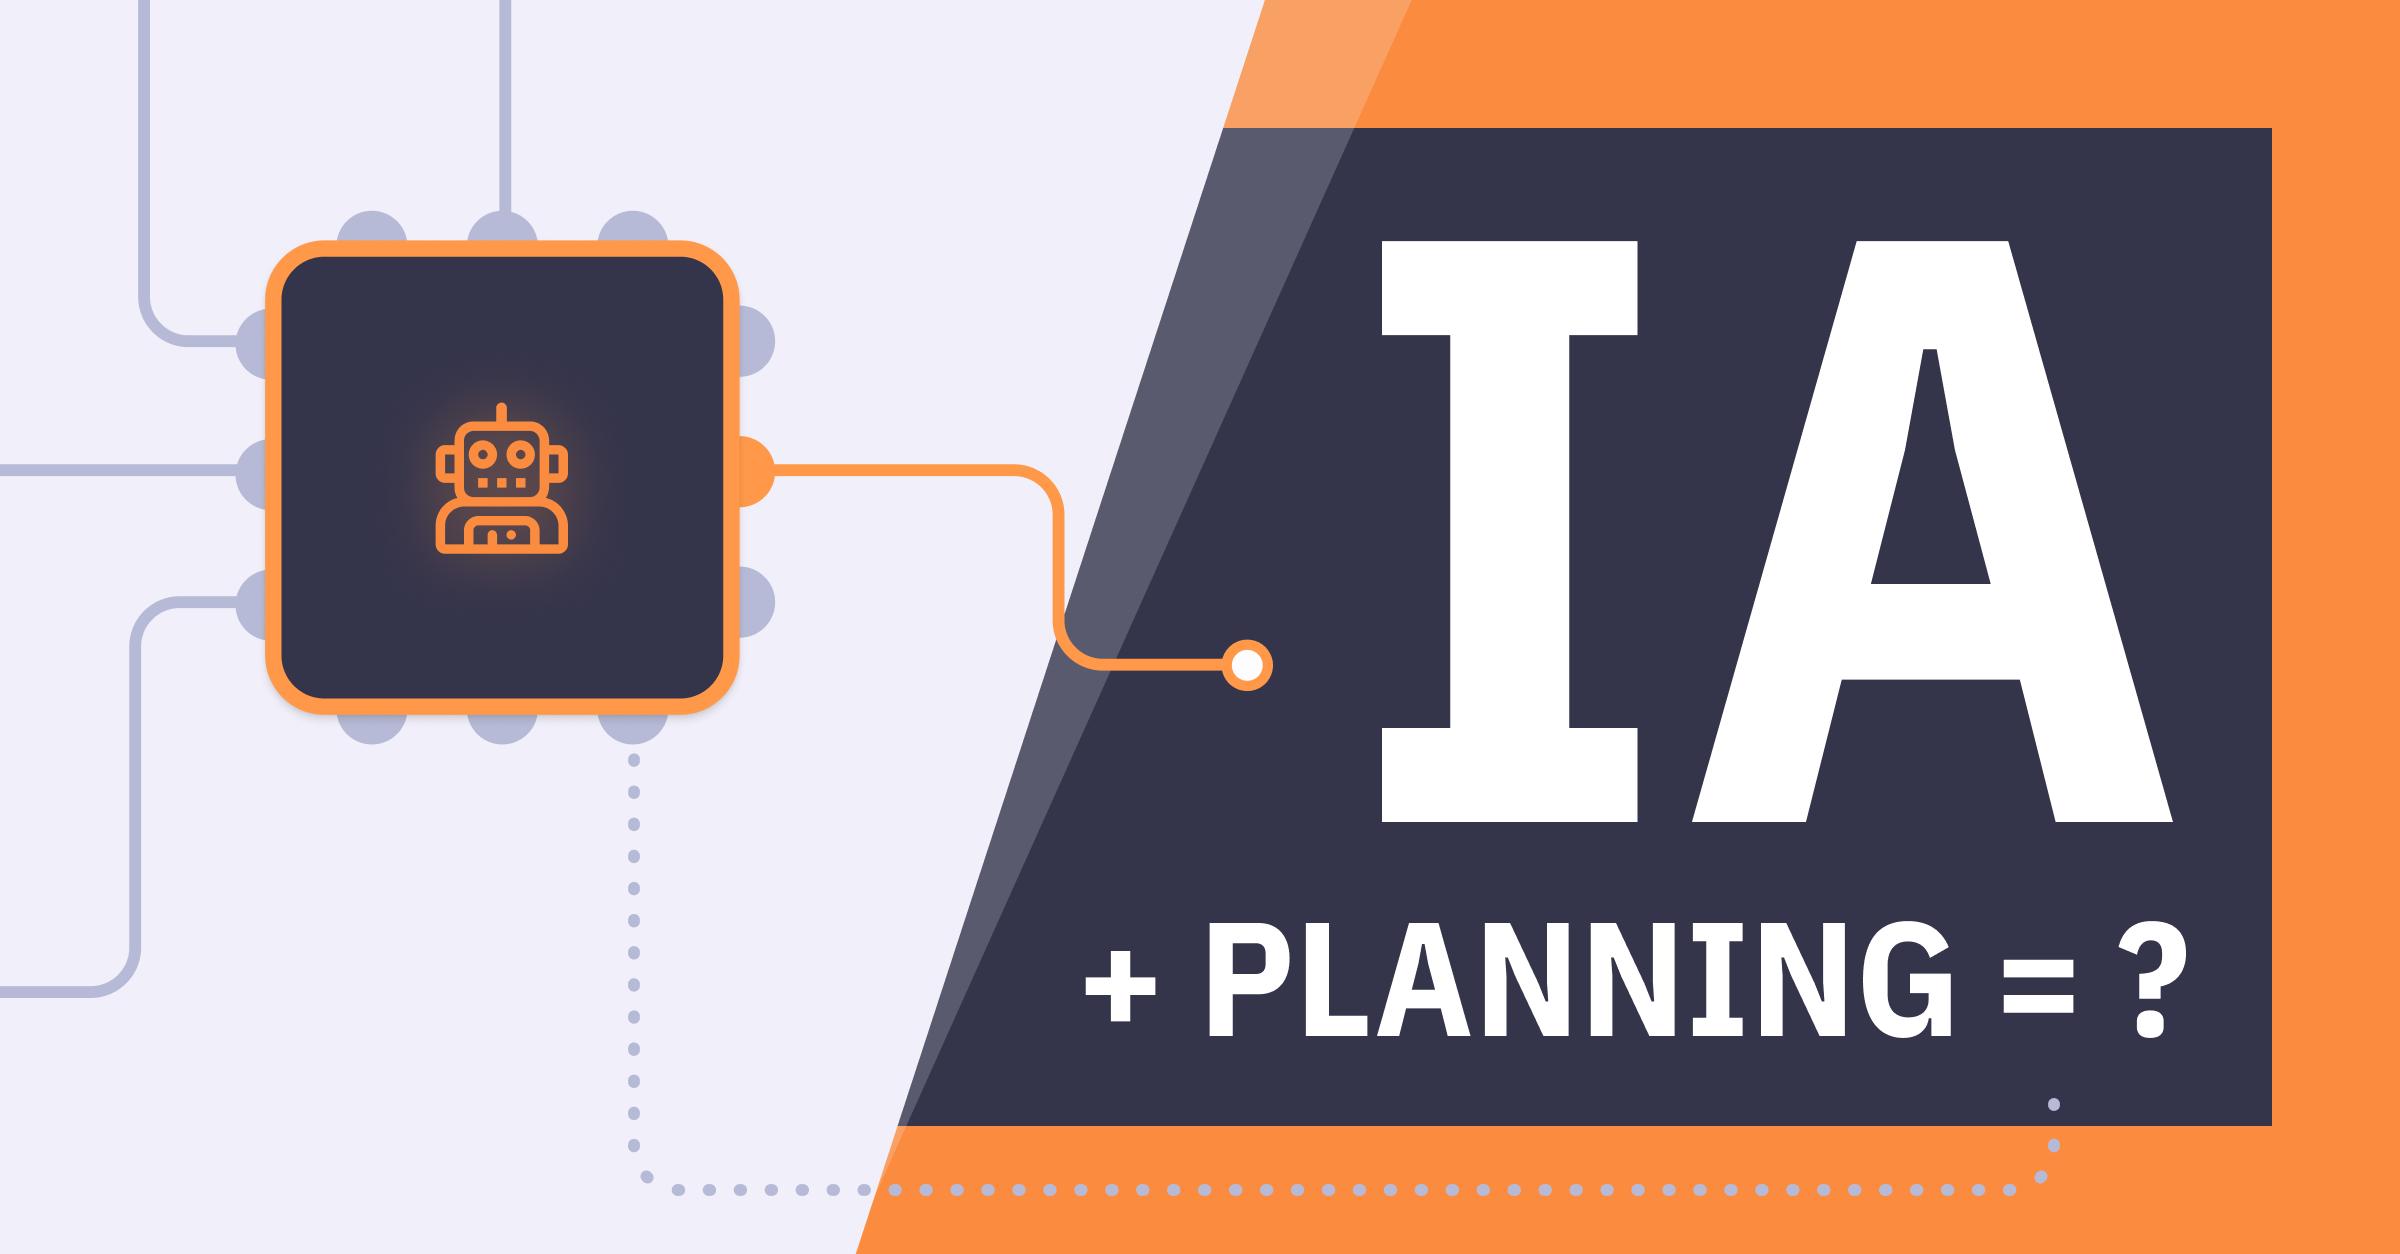 Planification : de l'instinct à l'automatisation